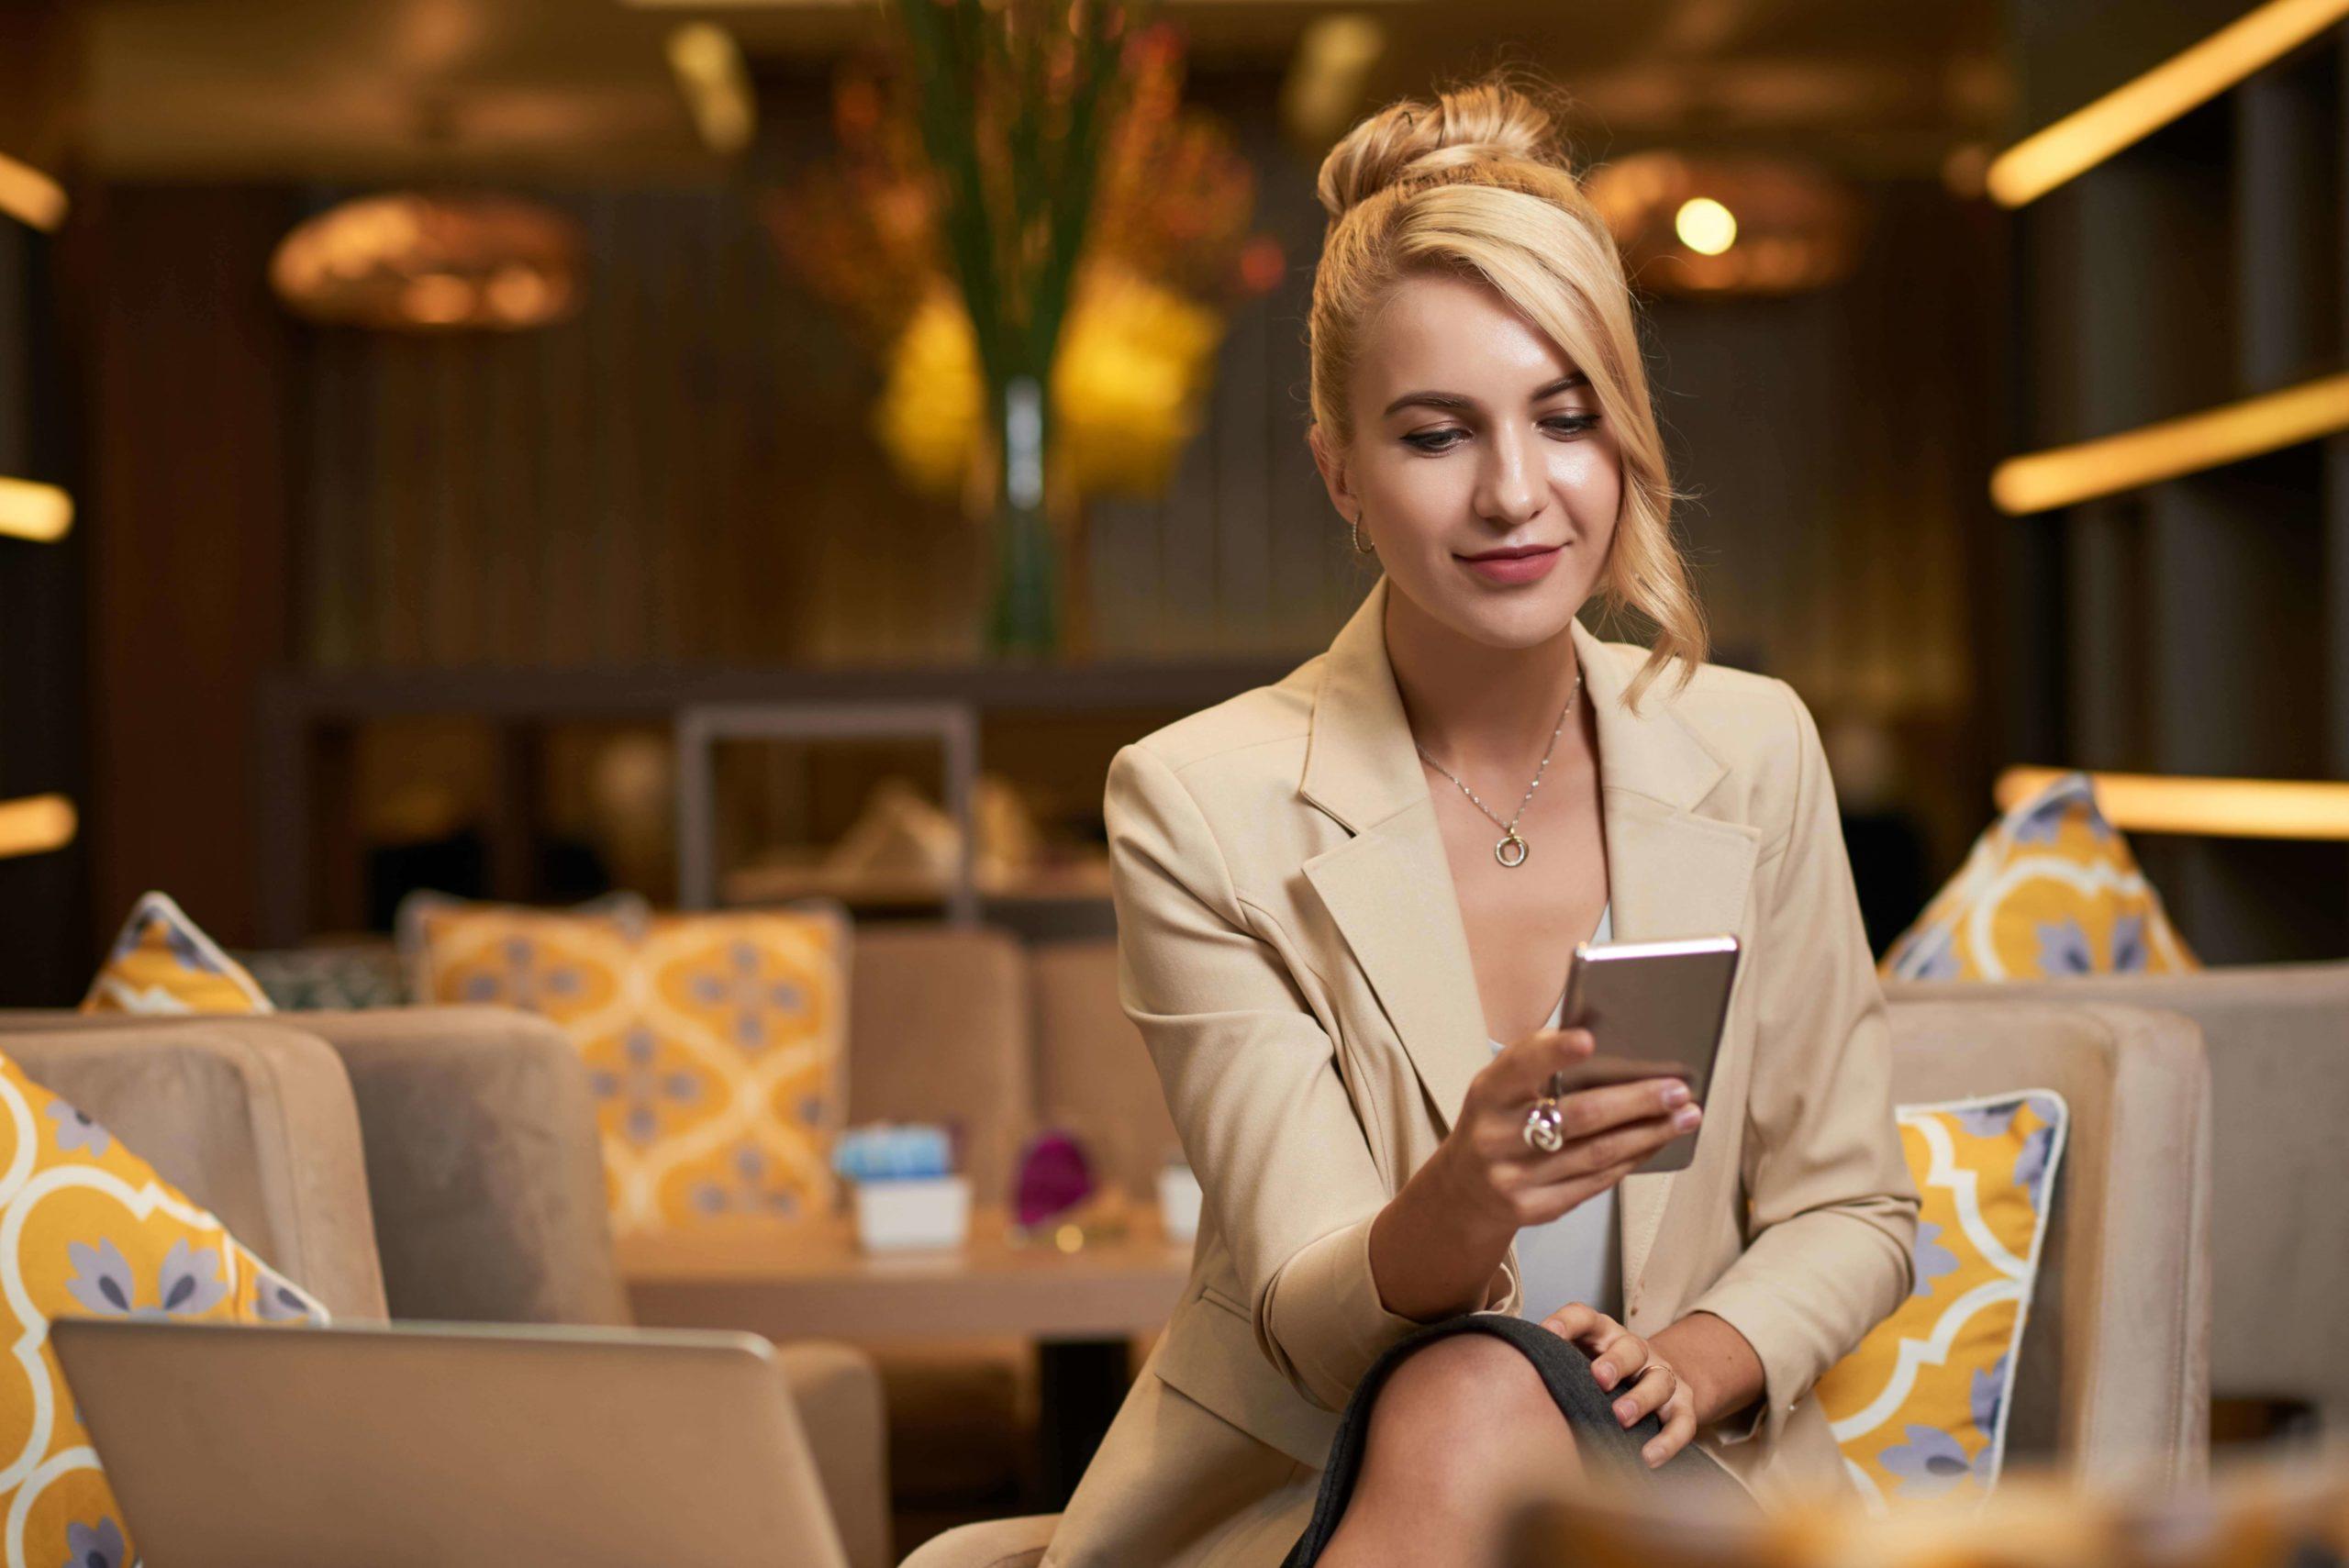 De voordelen voor u - Zakelijke WiFi oplossingen | TamoSoft